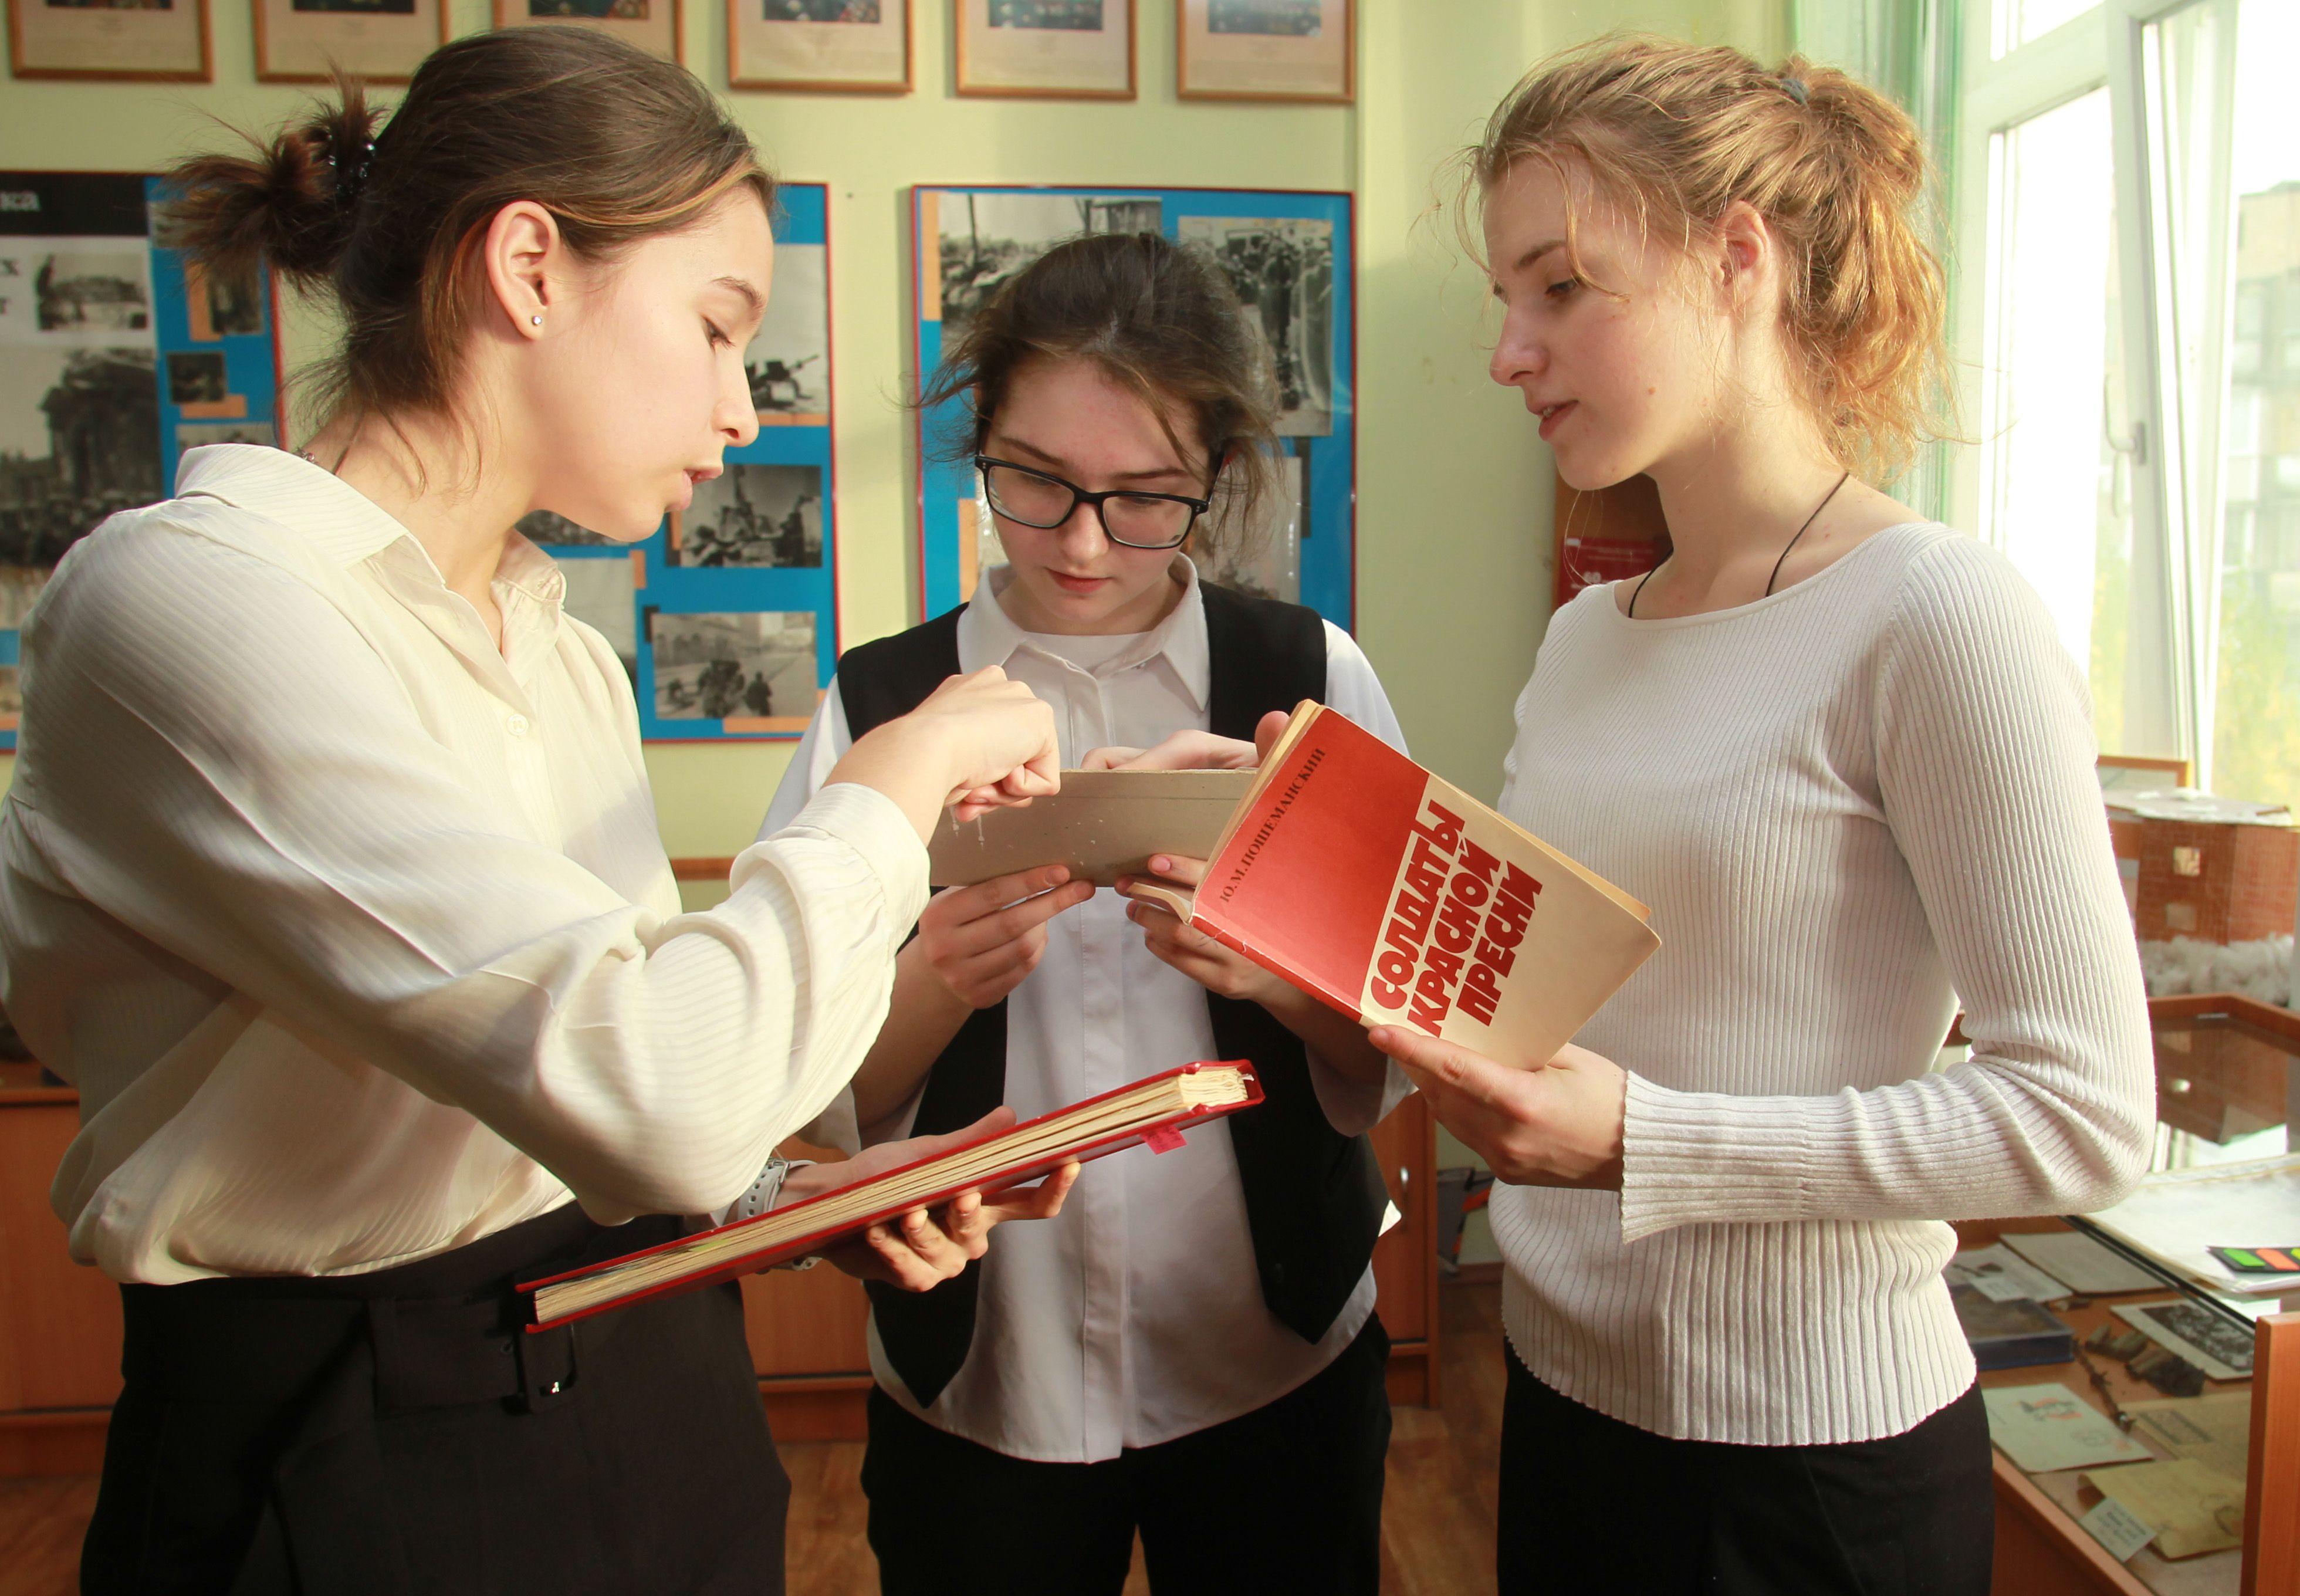 Московских школьников пригласили бесплатные практикумы.Фото: архив, «Вечерняя Москва»